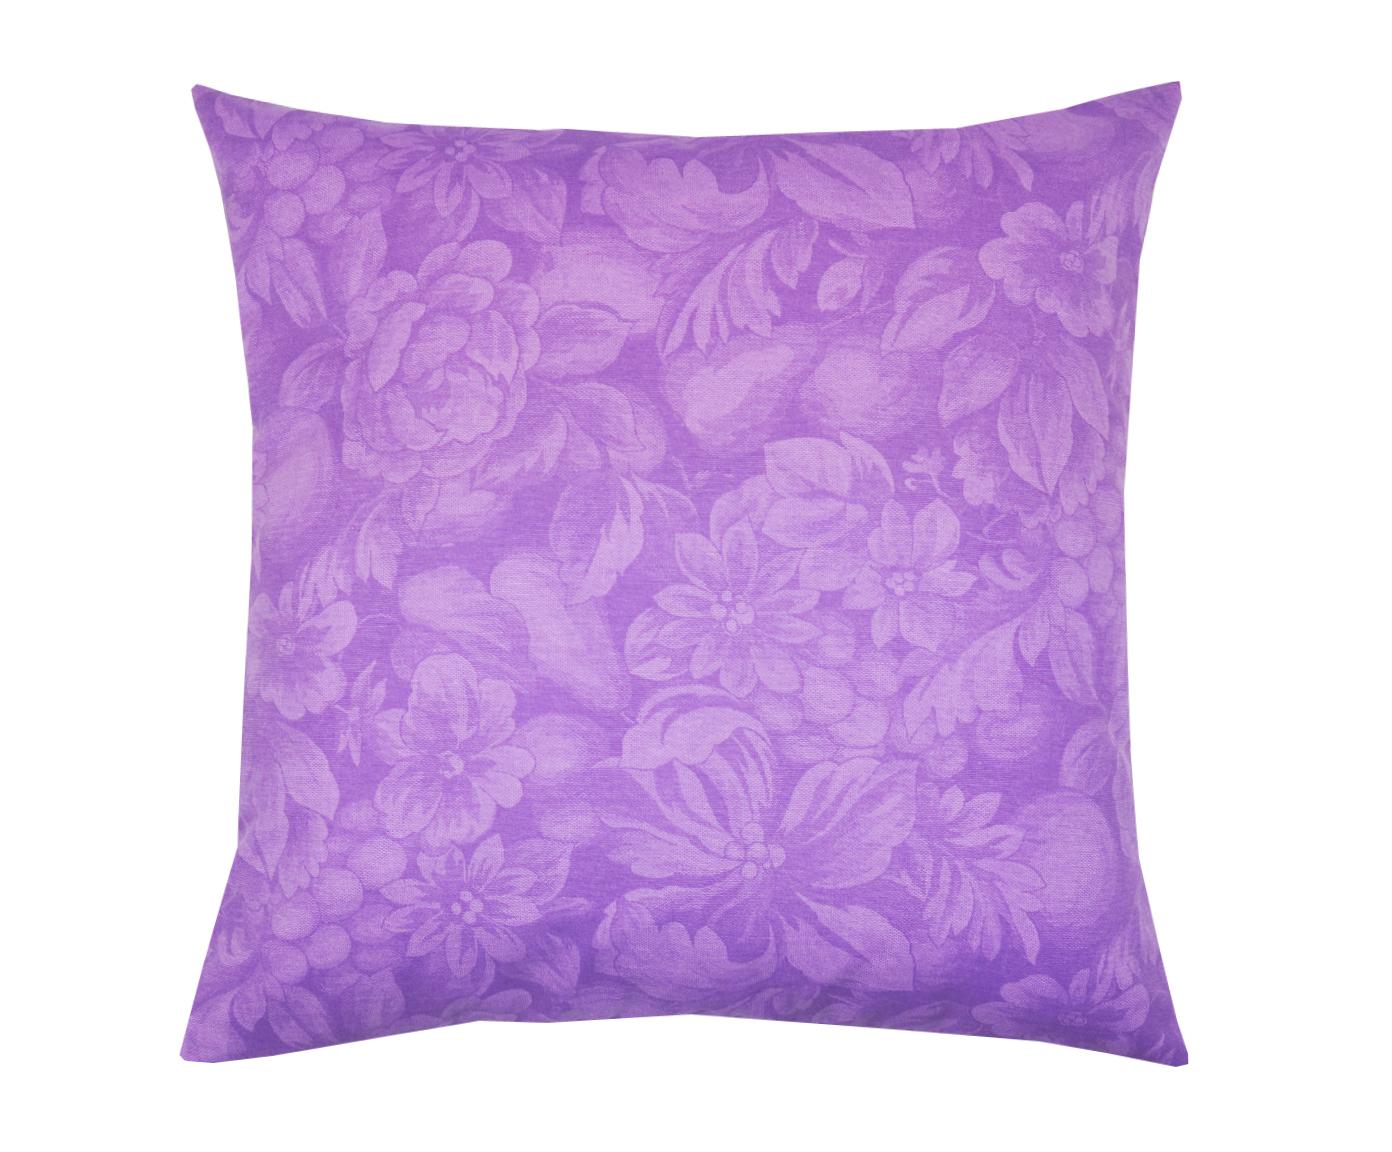 Подушка Lorret VioletКвадратные подушки и наволочки<br>Декоративная  подушка .Чехол съемный.<br><br>Material: Хлопок<br>Length см: None<br>Width см: 45<br>Depth см: 15<br>Height см: 45